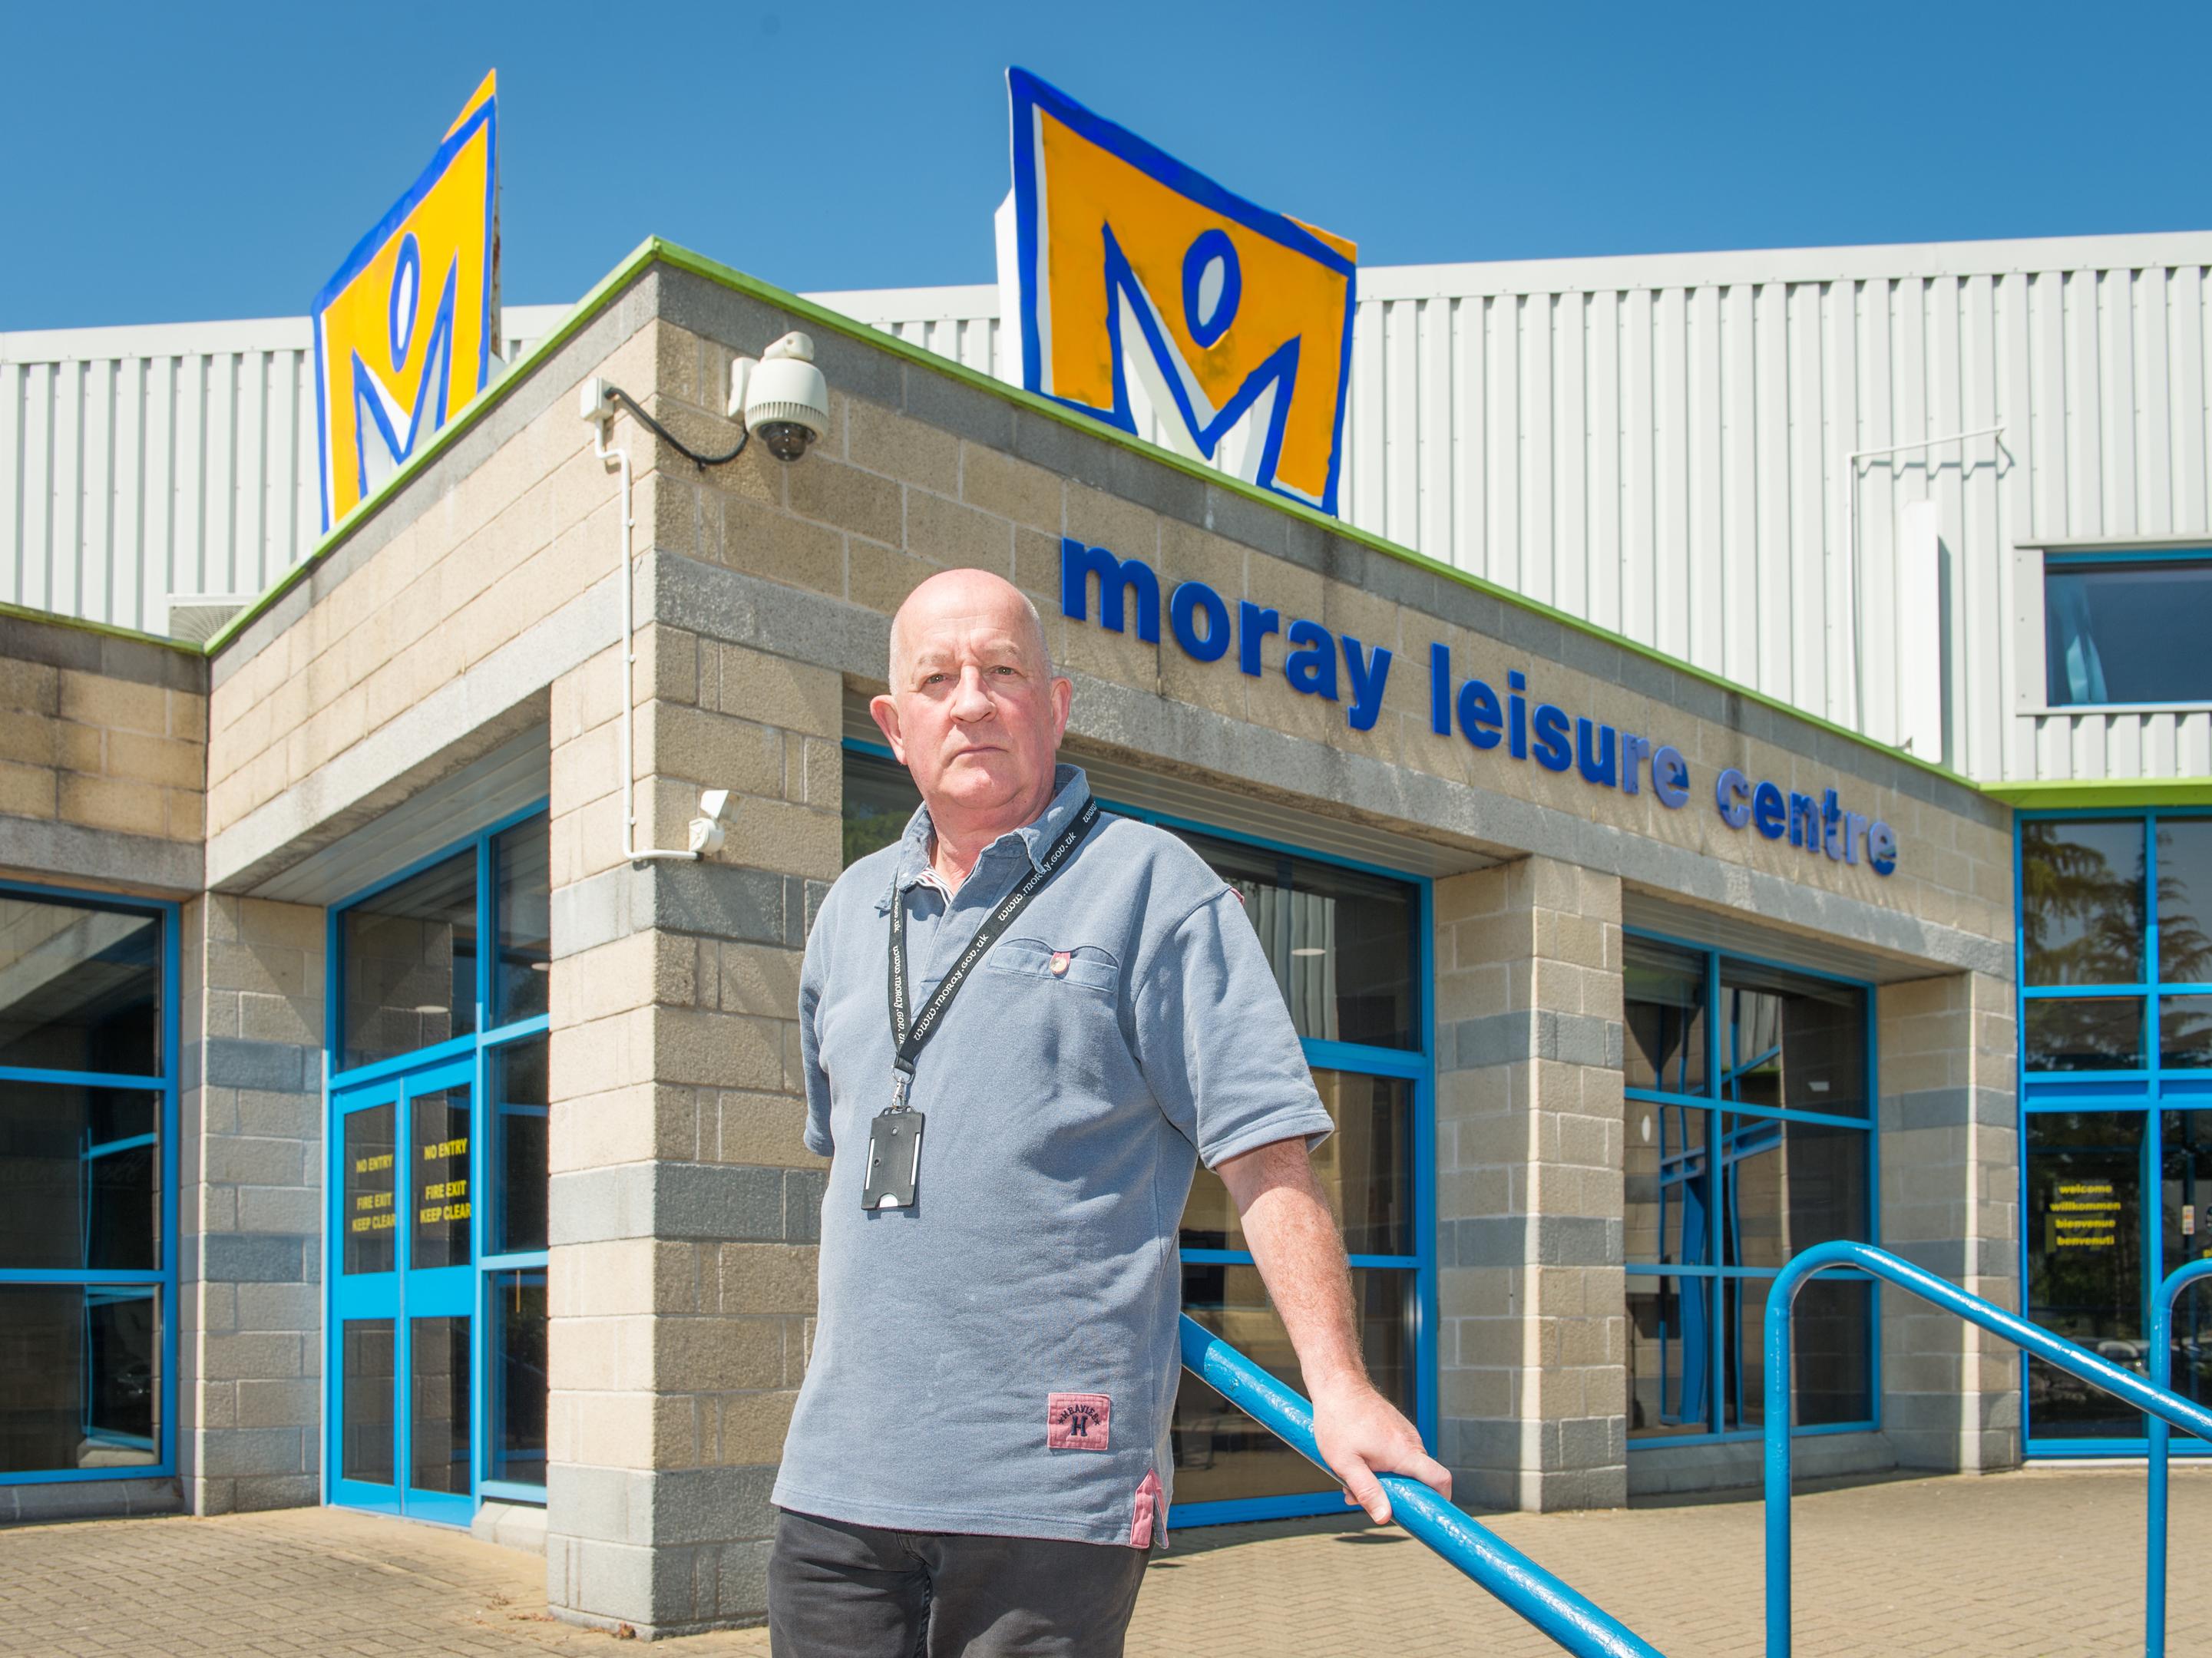 Speyside Glenlivet councillor Derek Ross outside Moray Leisure Centre